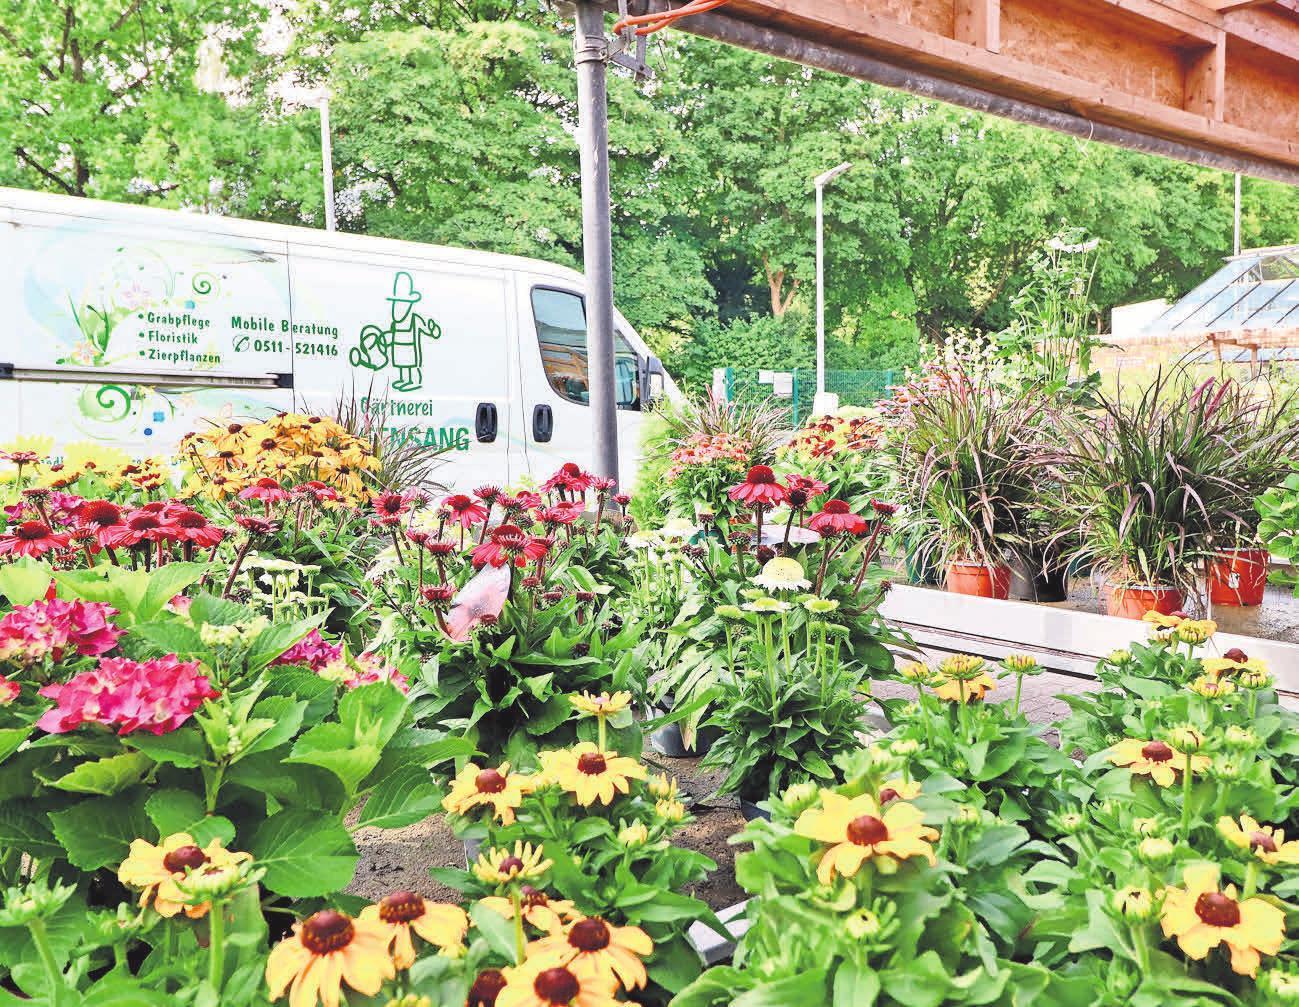 Spätsommer und Herbst liefern eine farbenprächtige Pflanzenkulisse für Terrasse und Garten.